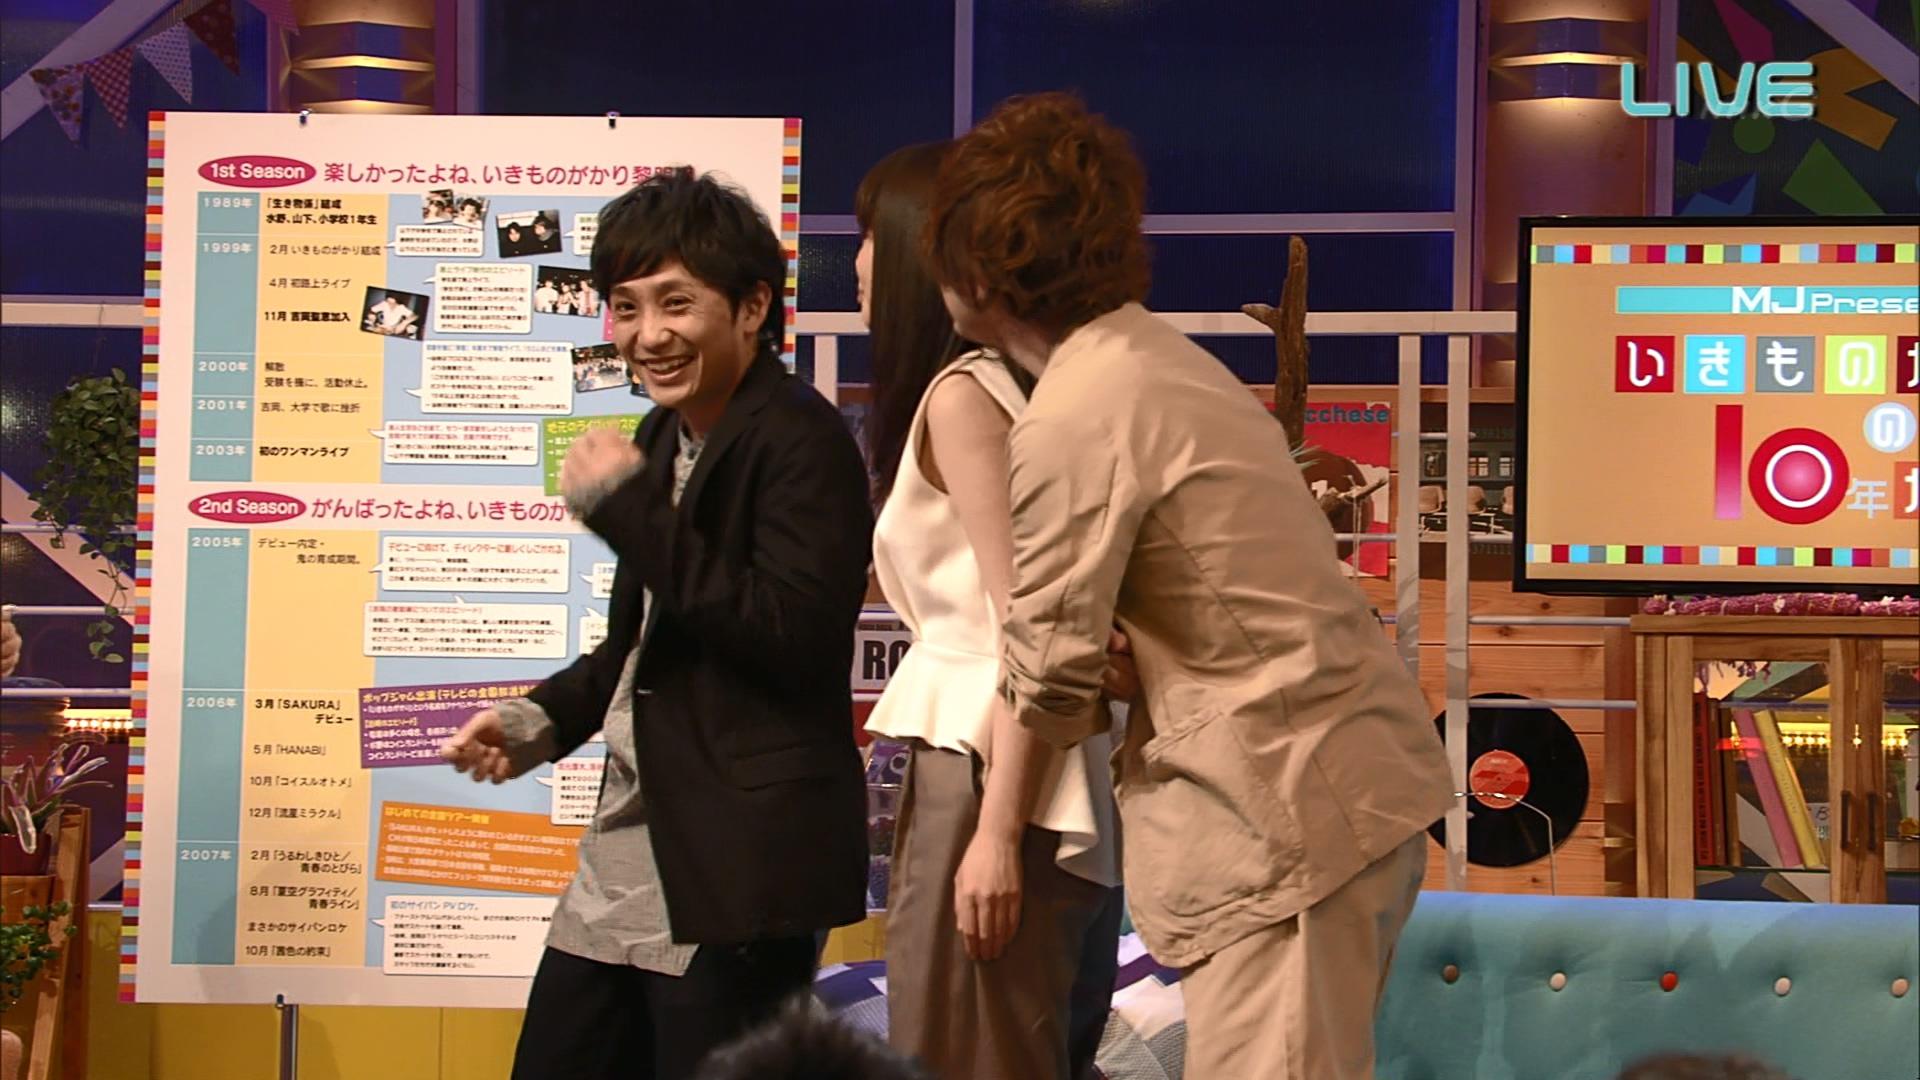 2016.03.20 いきものがかり - いきものがかりの10年がかり(MJ Presents).ts_20160321_012142.000